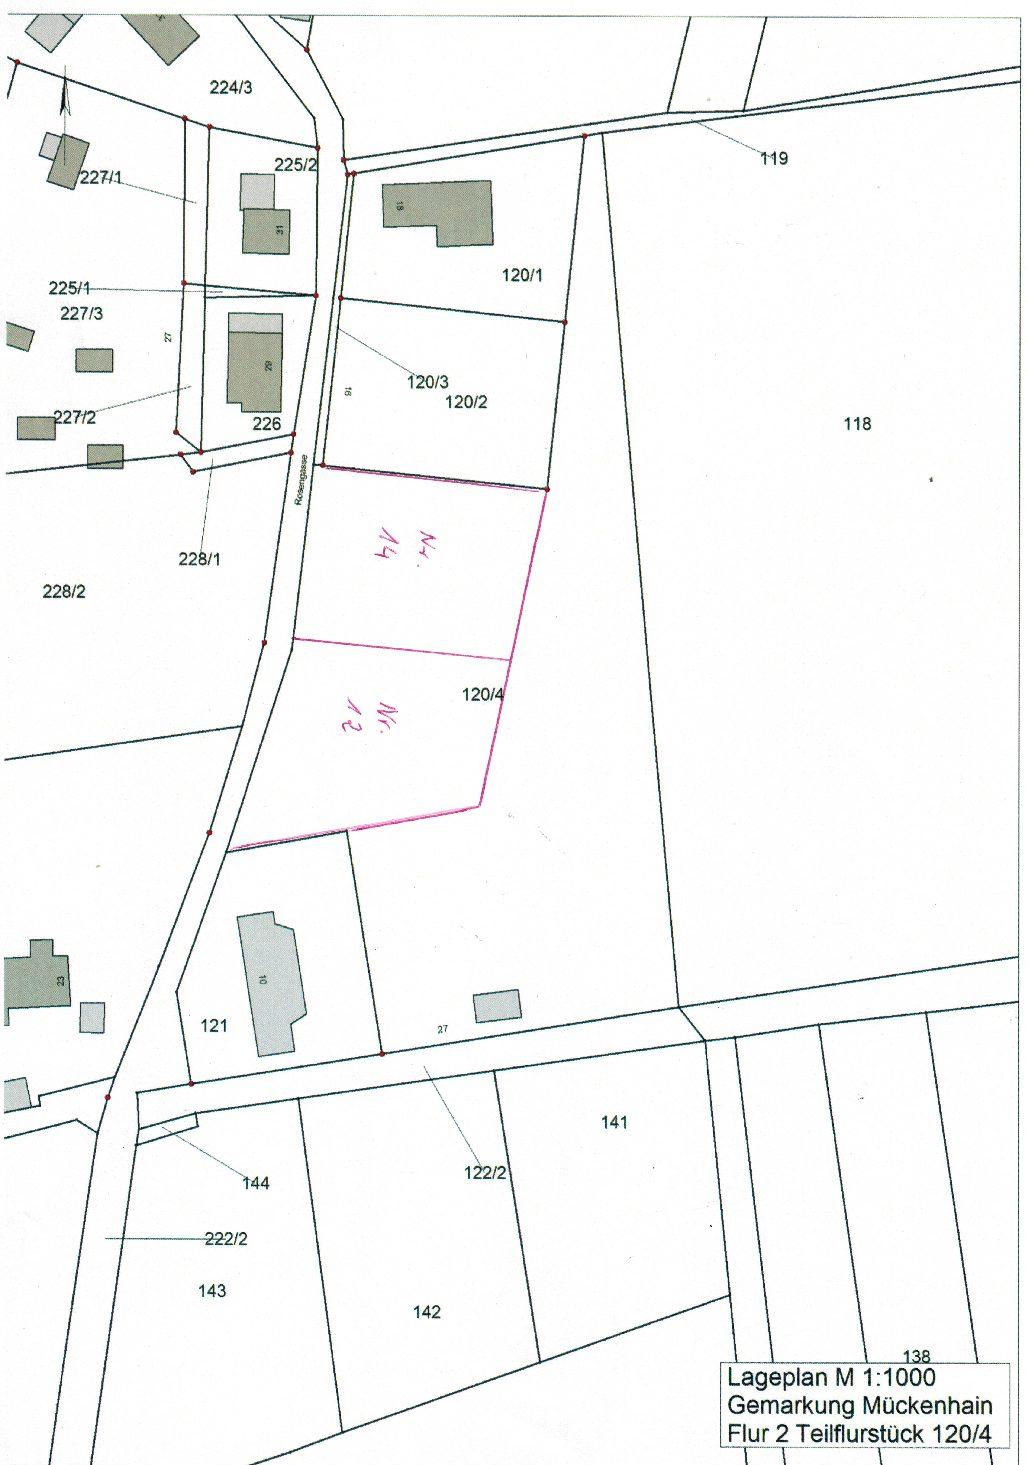 Verkauf von Bauland in der Gemeinde Horka